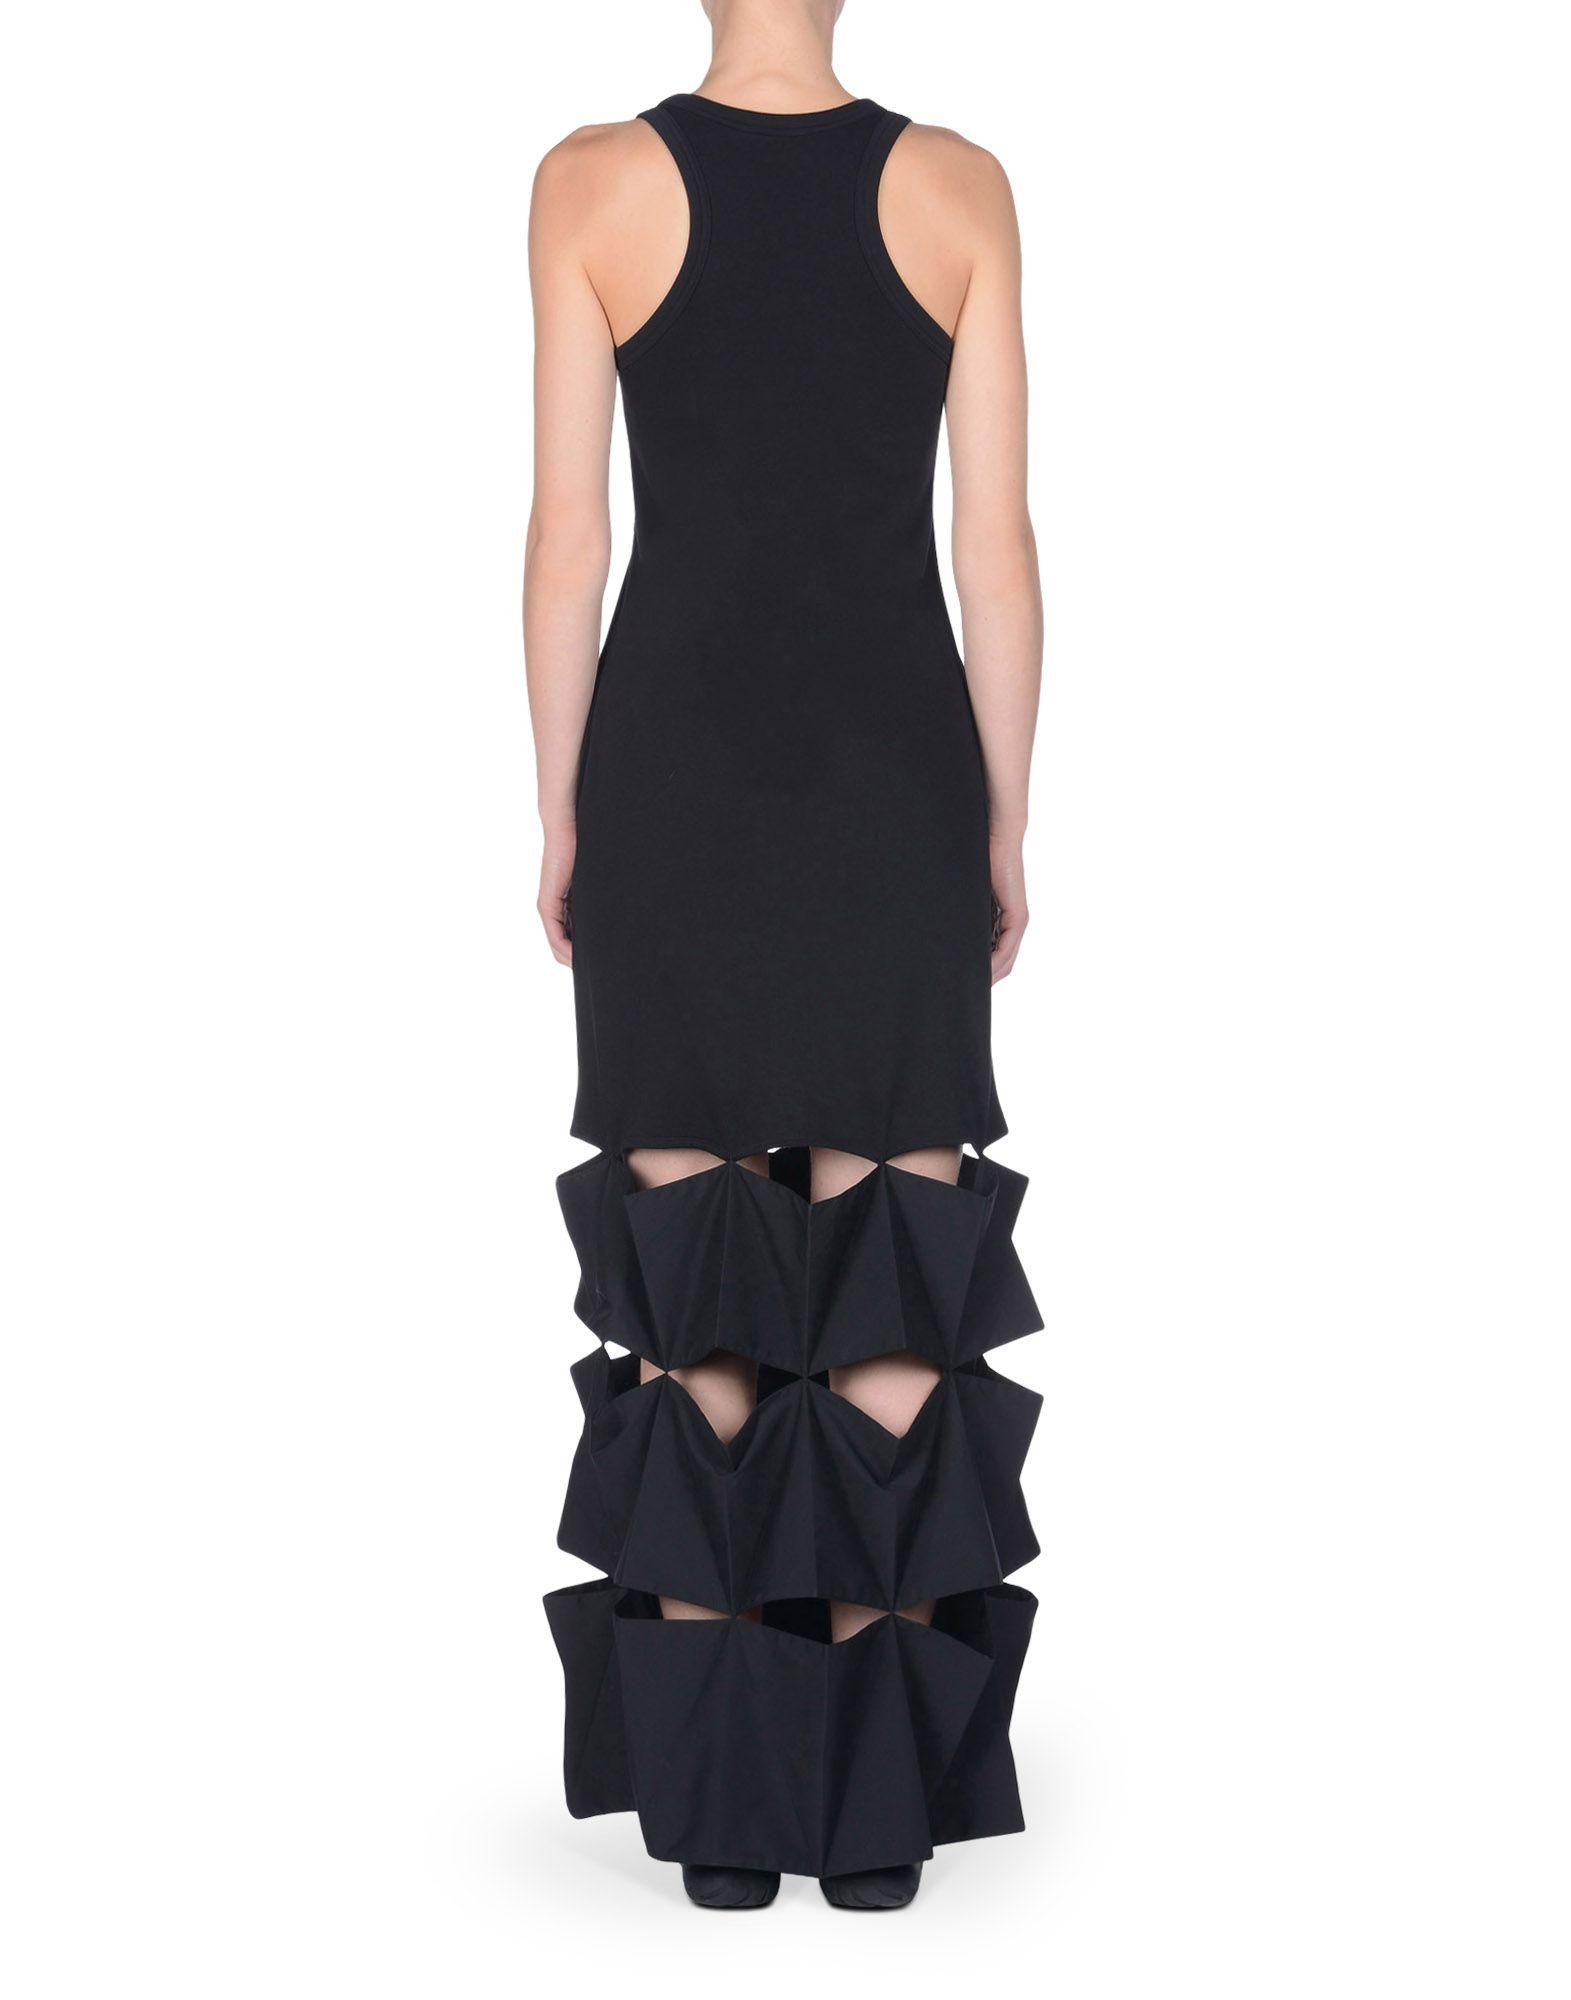 Y 3 Future Craft Dress Long Dresses Adidas Y 3